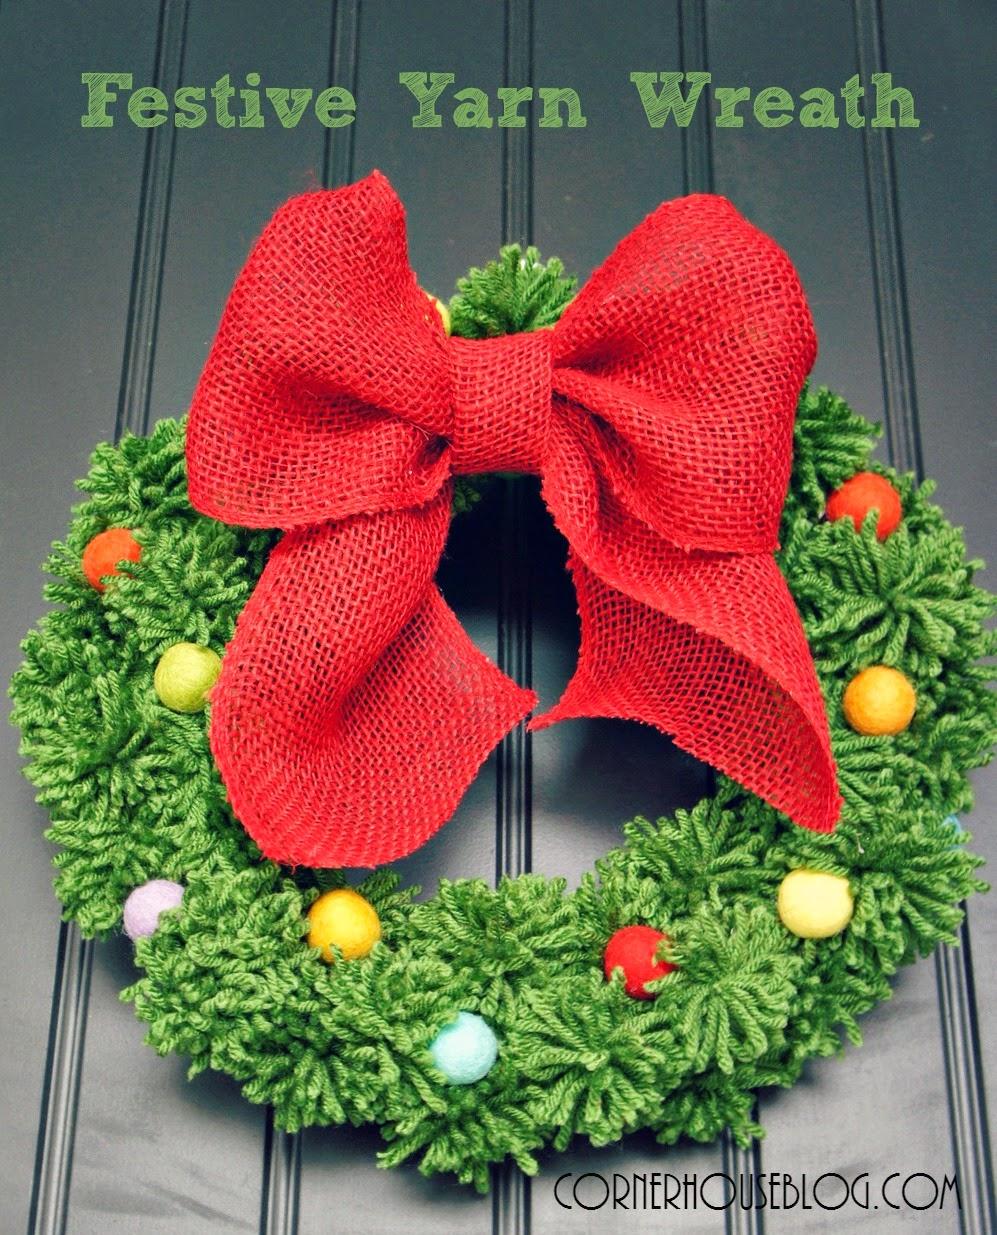 Festive Yarn Wreath